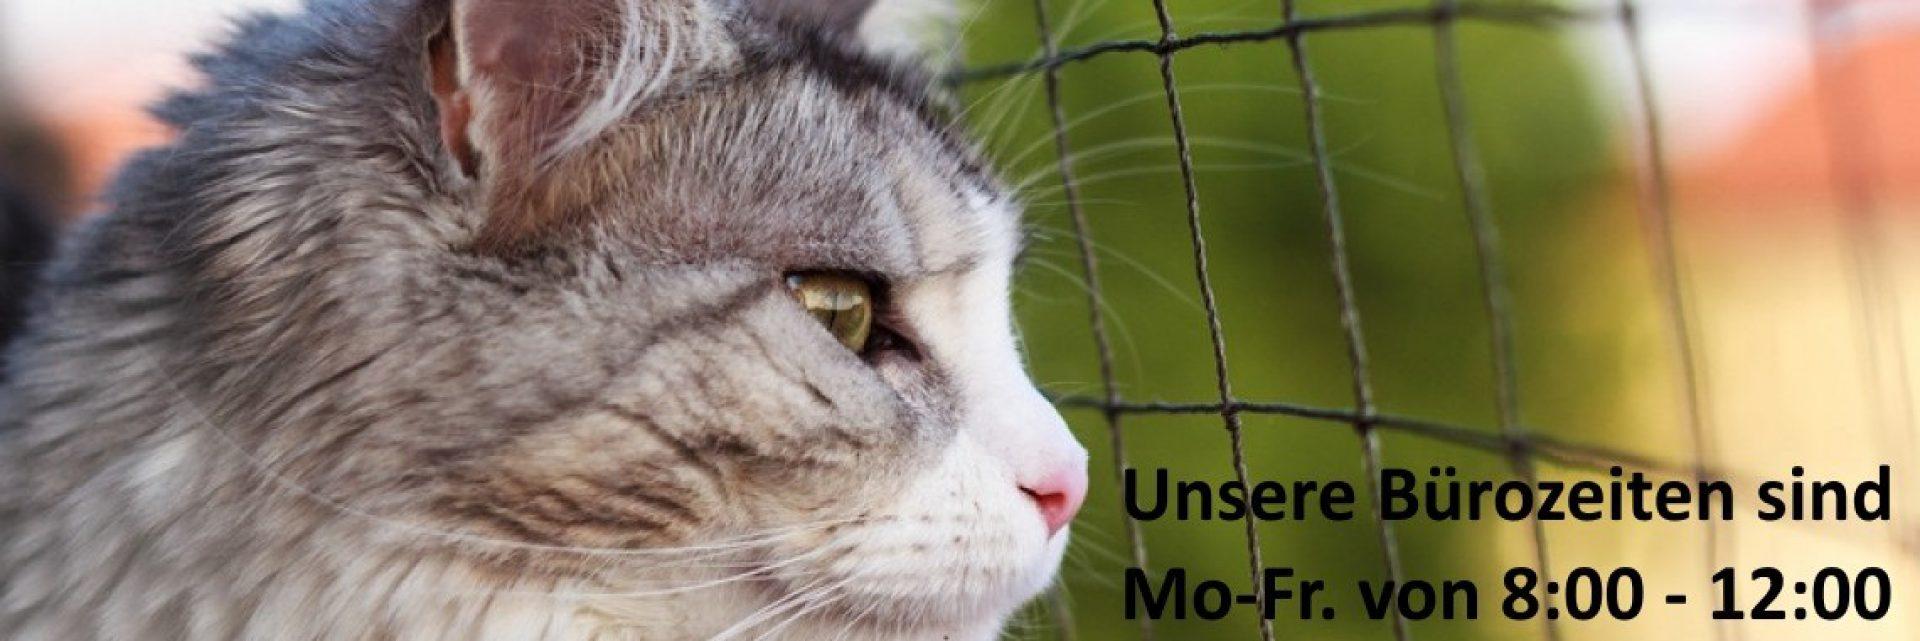 Experte für Katzennetze anbringen